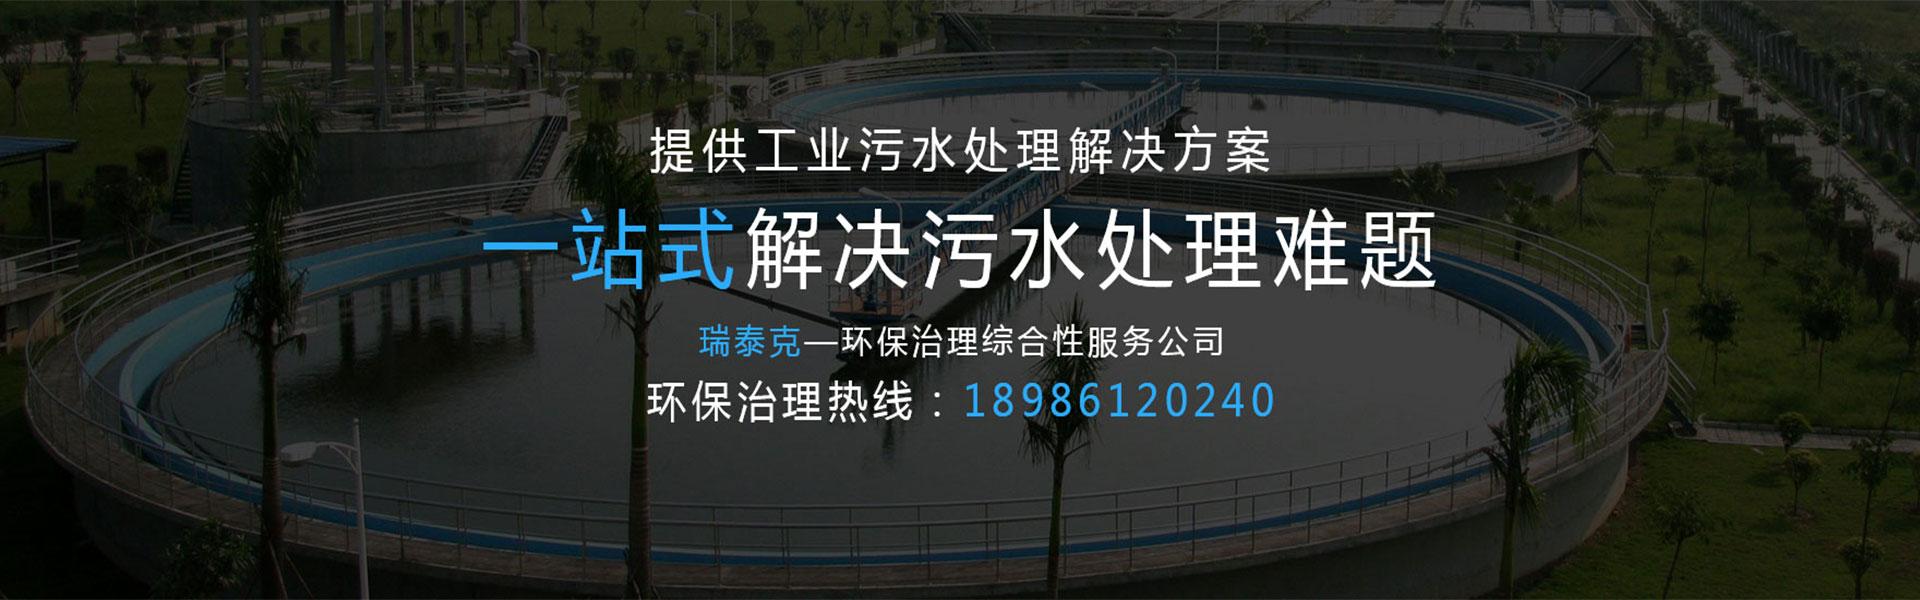 武汉污水处理